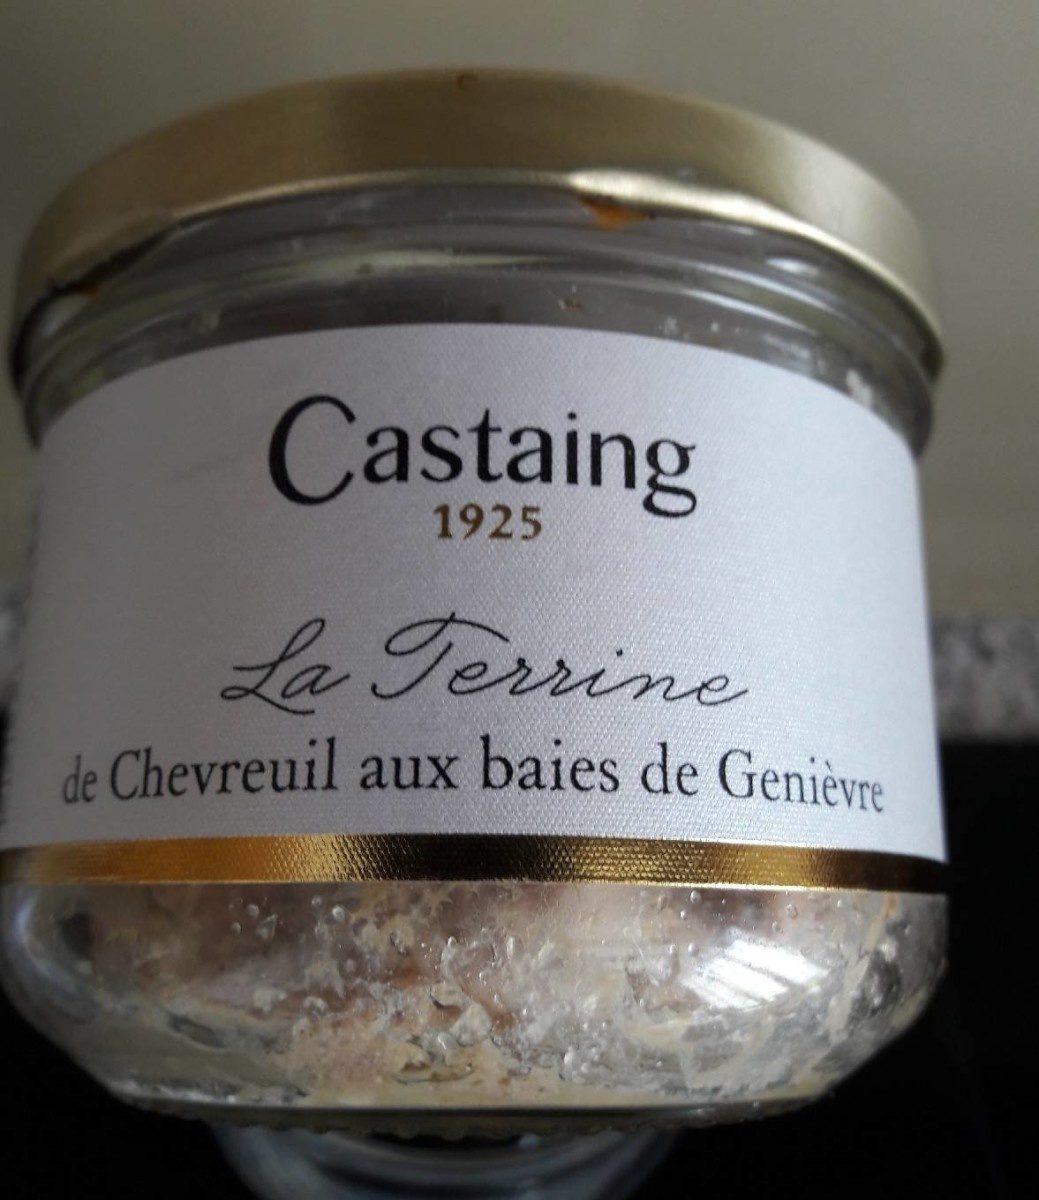 La terrine de Chevreuil aux baies de Genièvre - Produit - fr